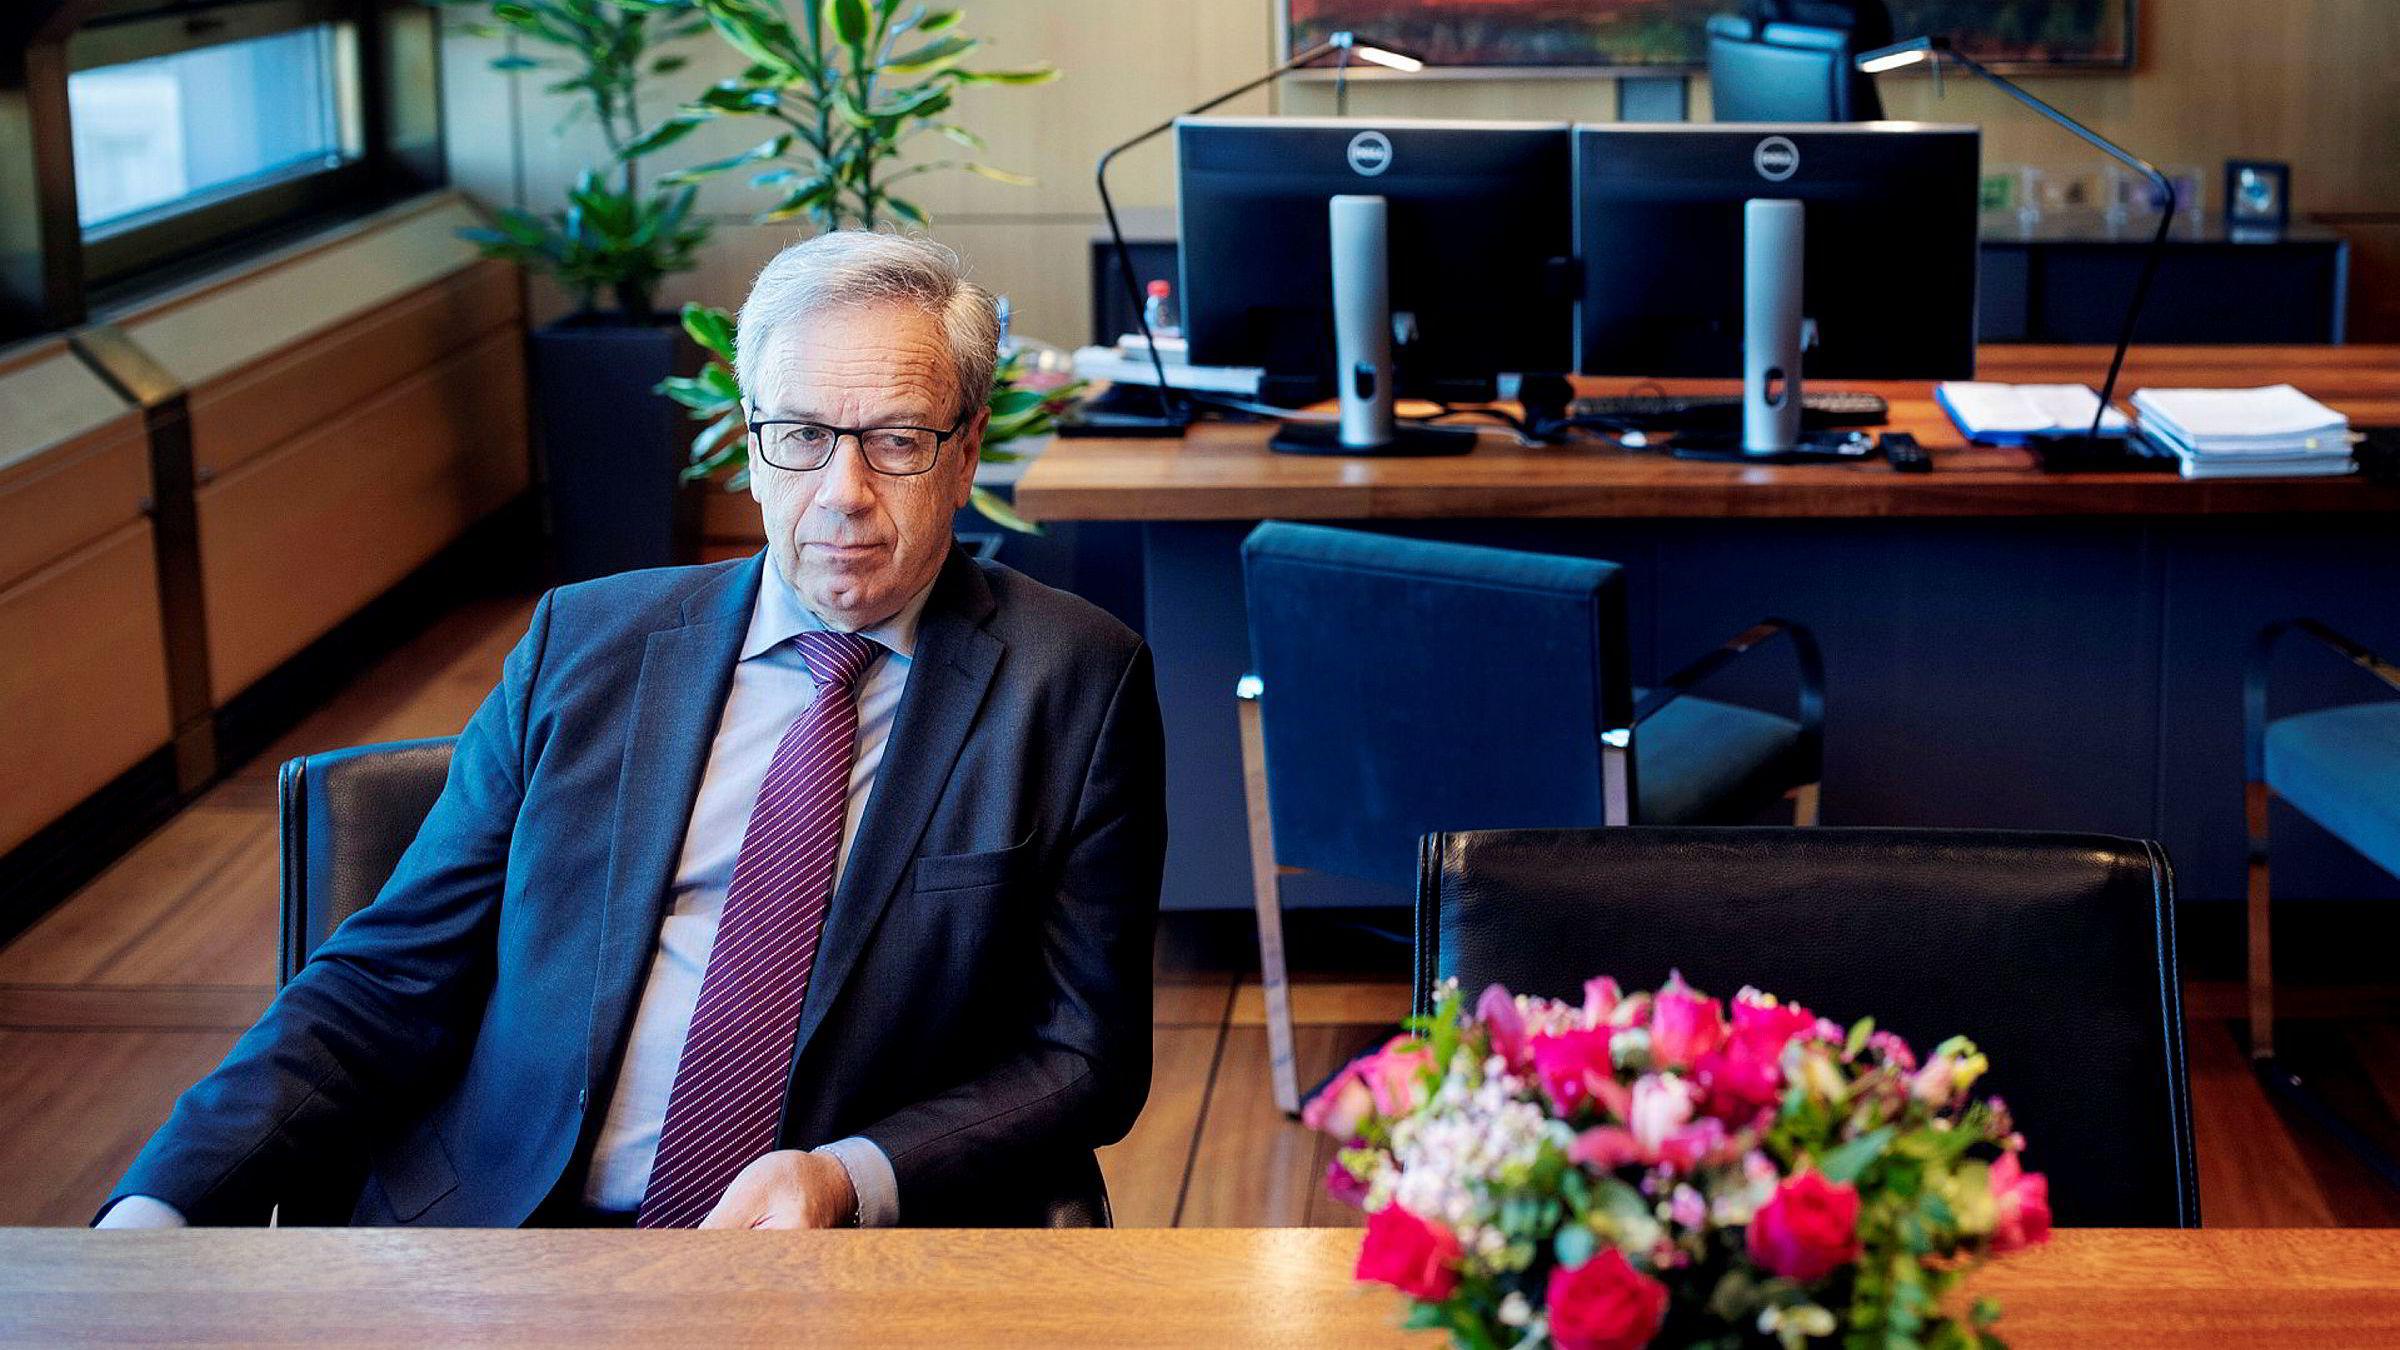 Sentralbanksjef Øystein Olsen mener det er et tankekors at handelsunderskuddet har økt såpass mye i en periode hvor kronekursen har vært svekket.